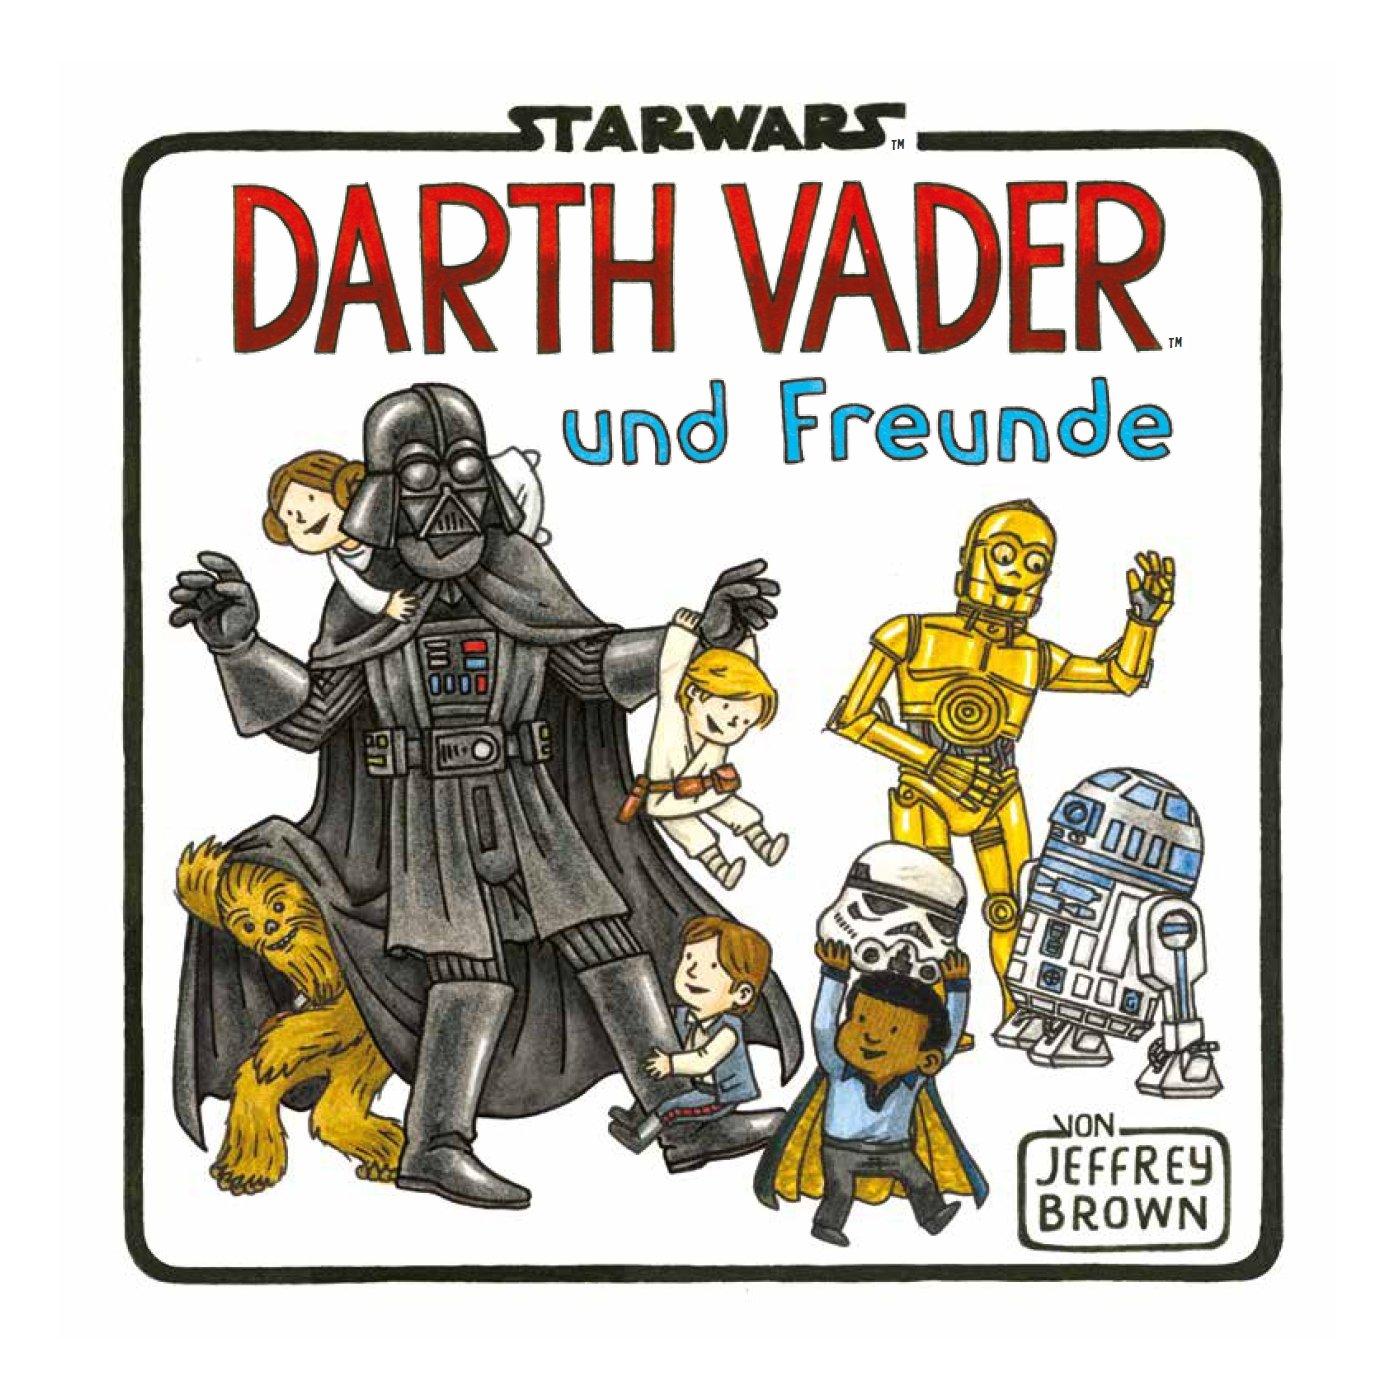 Darth Vader und seine Freunde (21.09.2015)